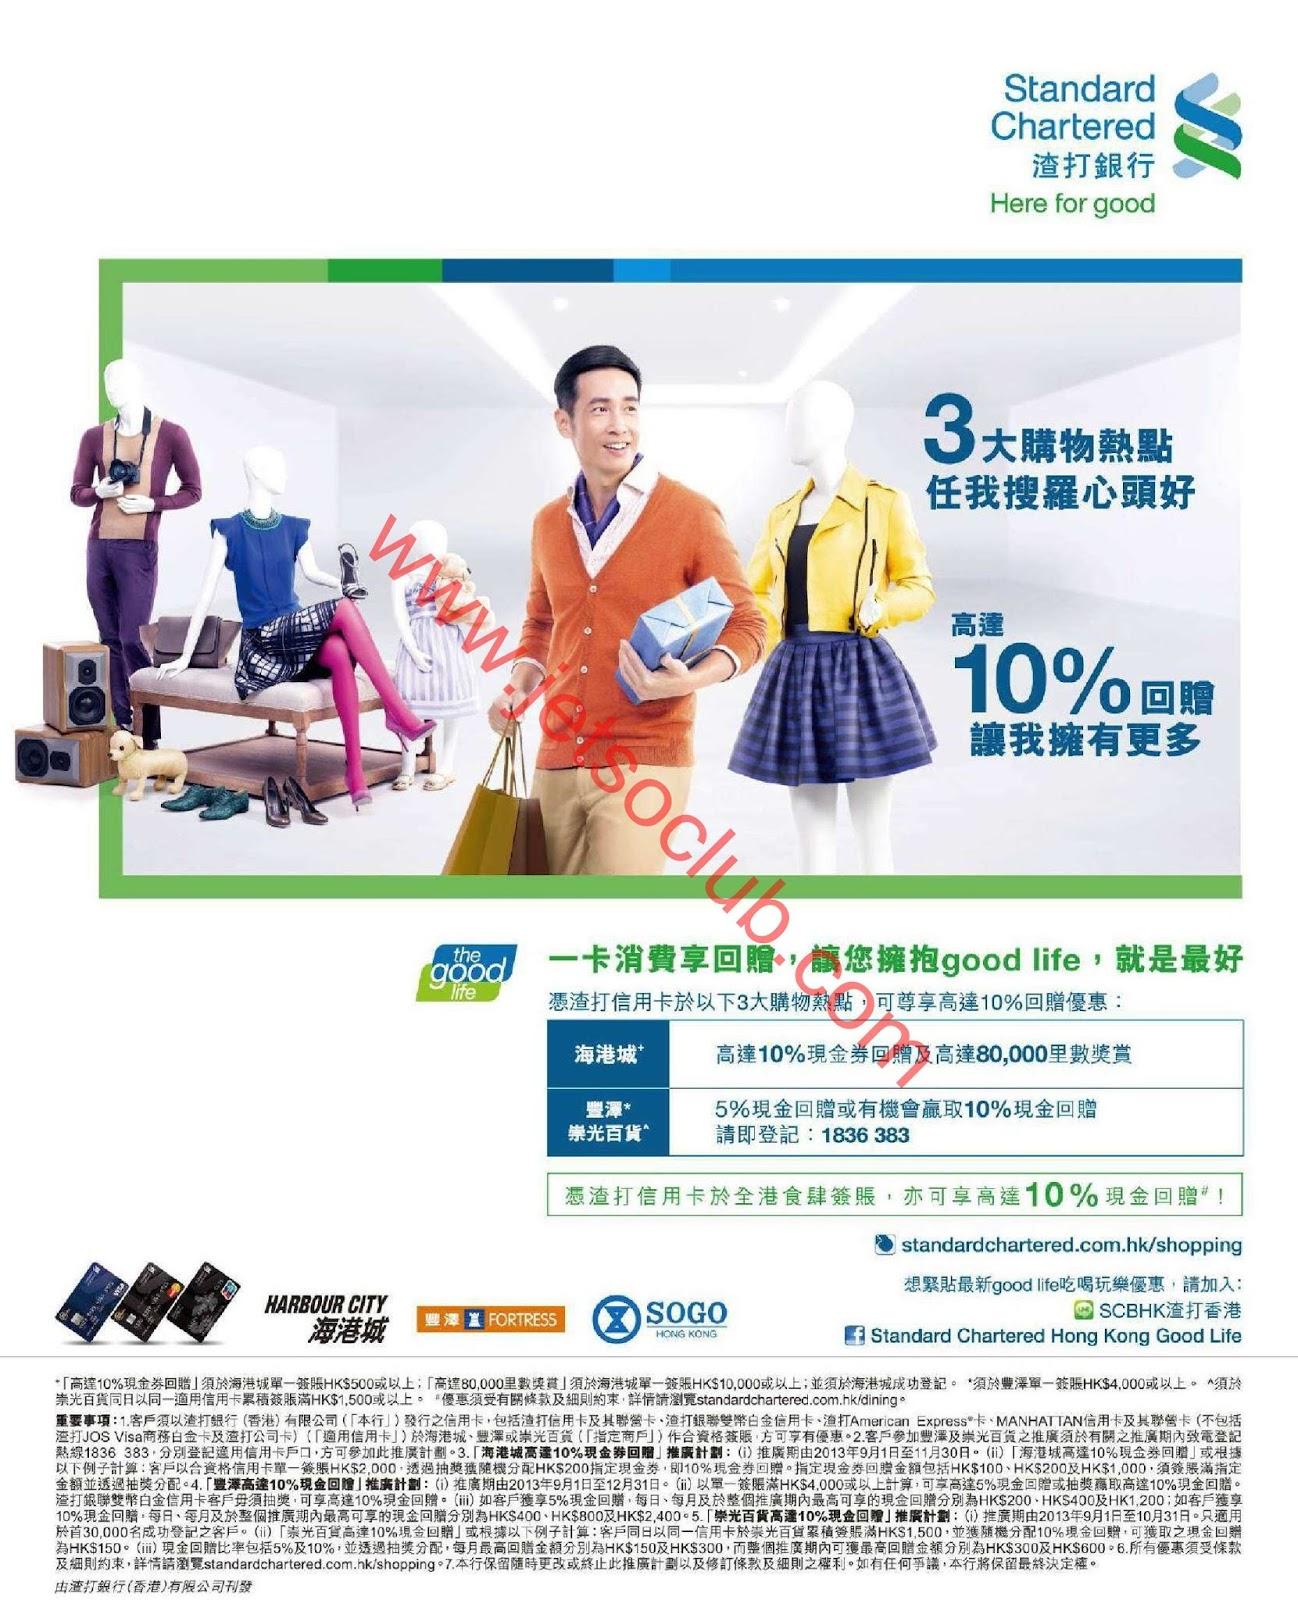 渣打信用卡:海港城/崇光百貨/豐澤購物 10%現金回贈(至31/12) ( Jetso Club 著數俱樂部 )